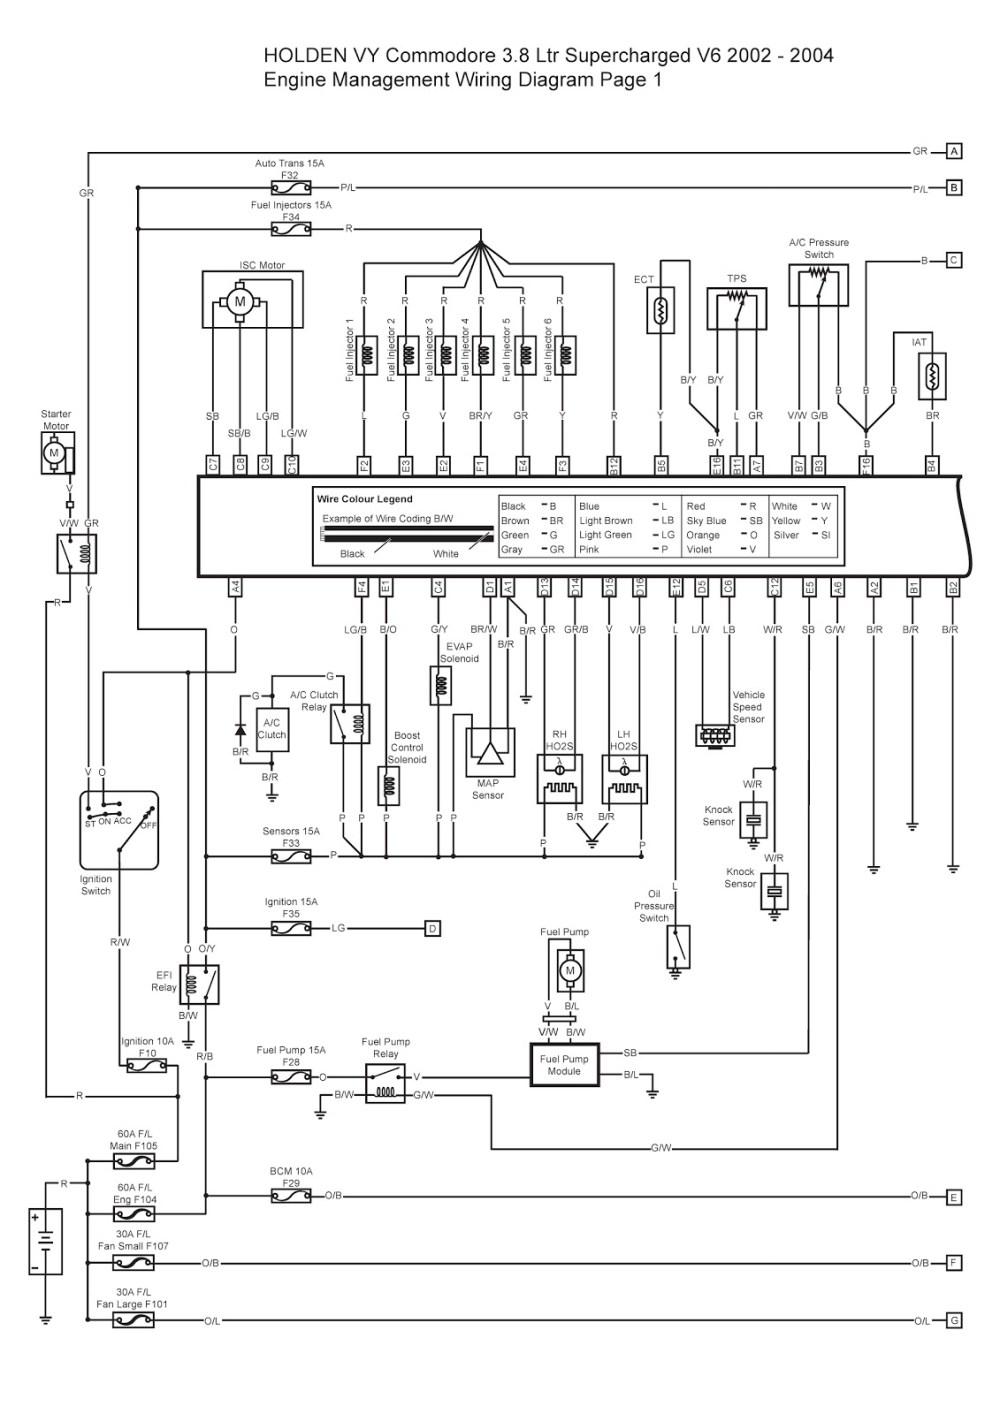 medium resolution of holden vt modore radio wiring vr